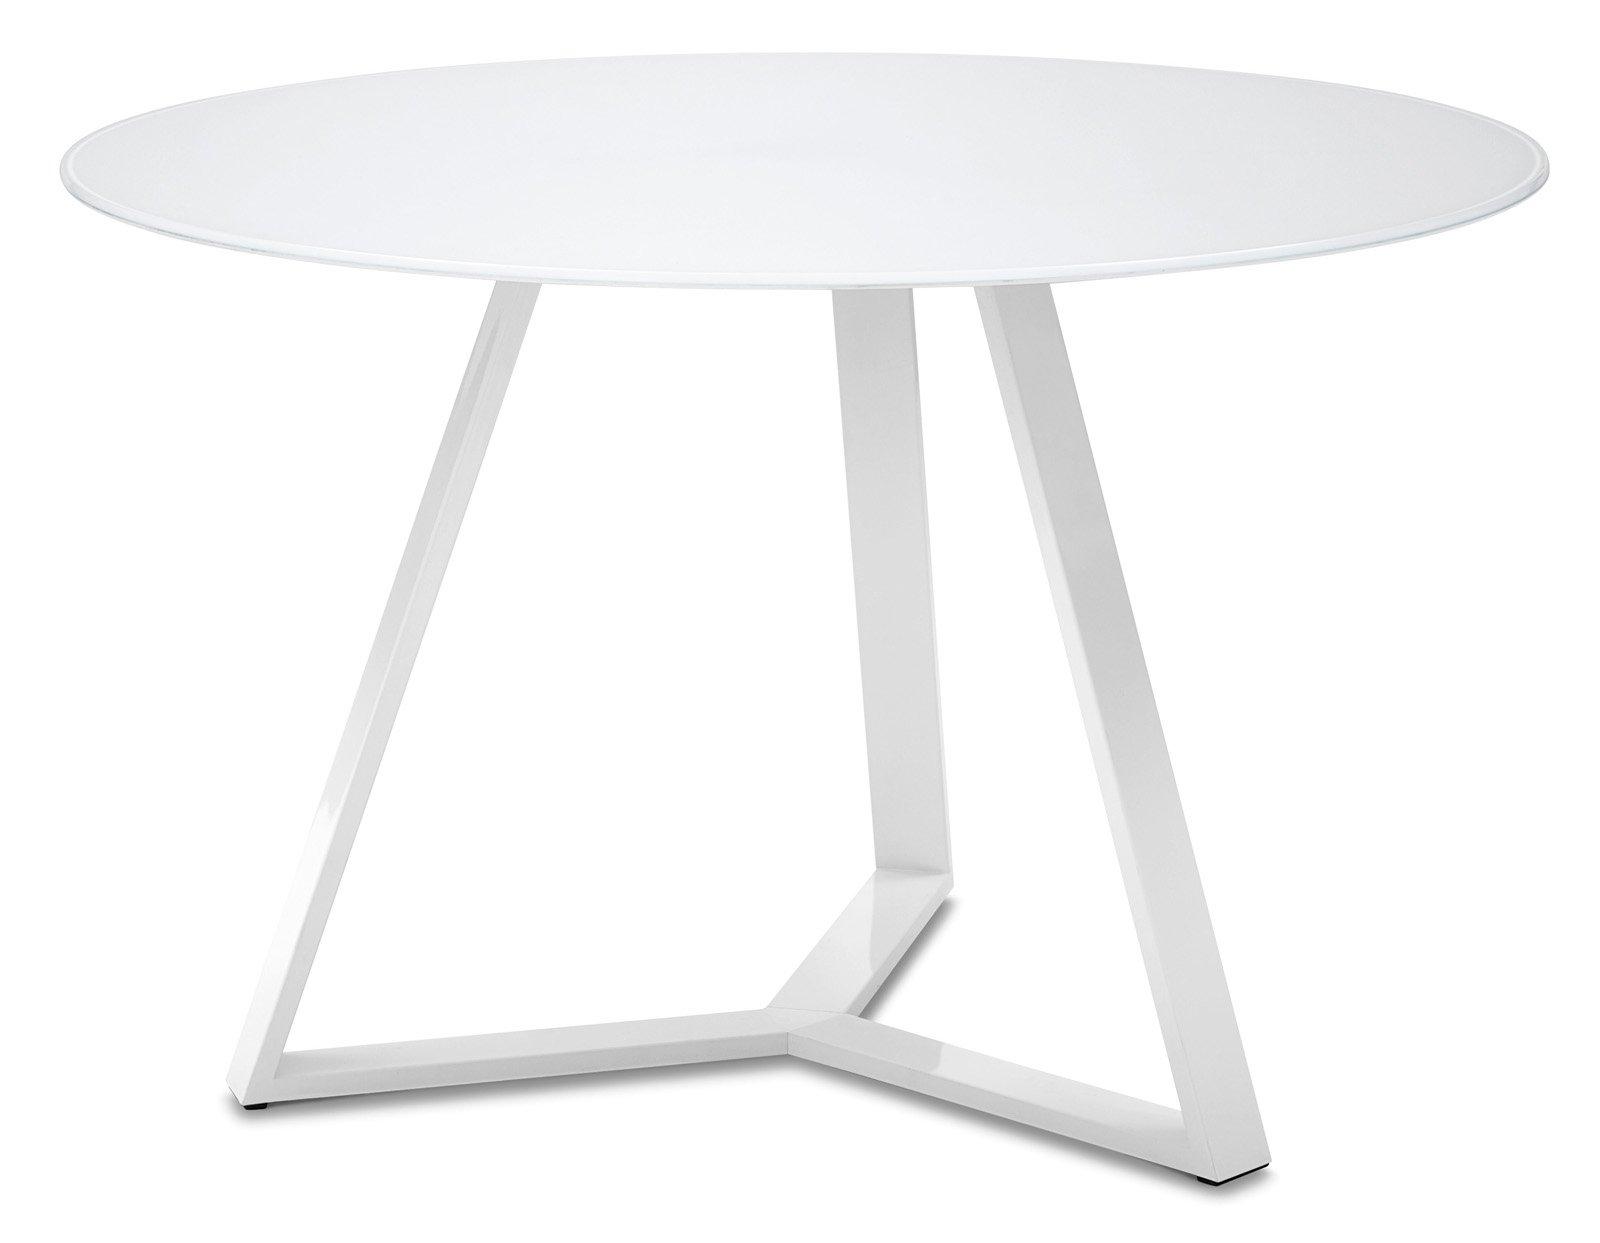 Tavoli tondo bello a volte salvaspazio cose di casa - Tavolo rotondo vetro diametro 120 ...